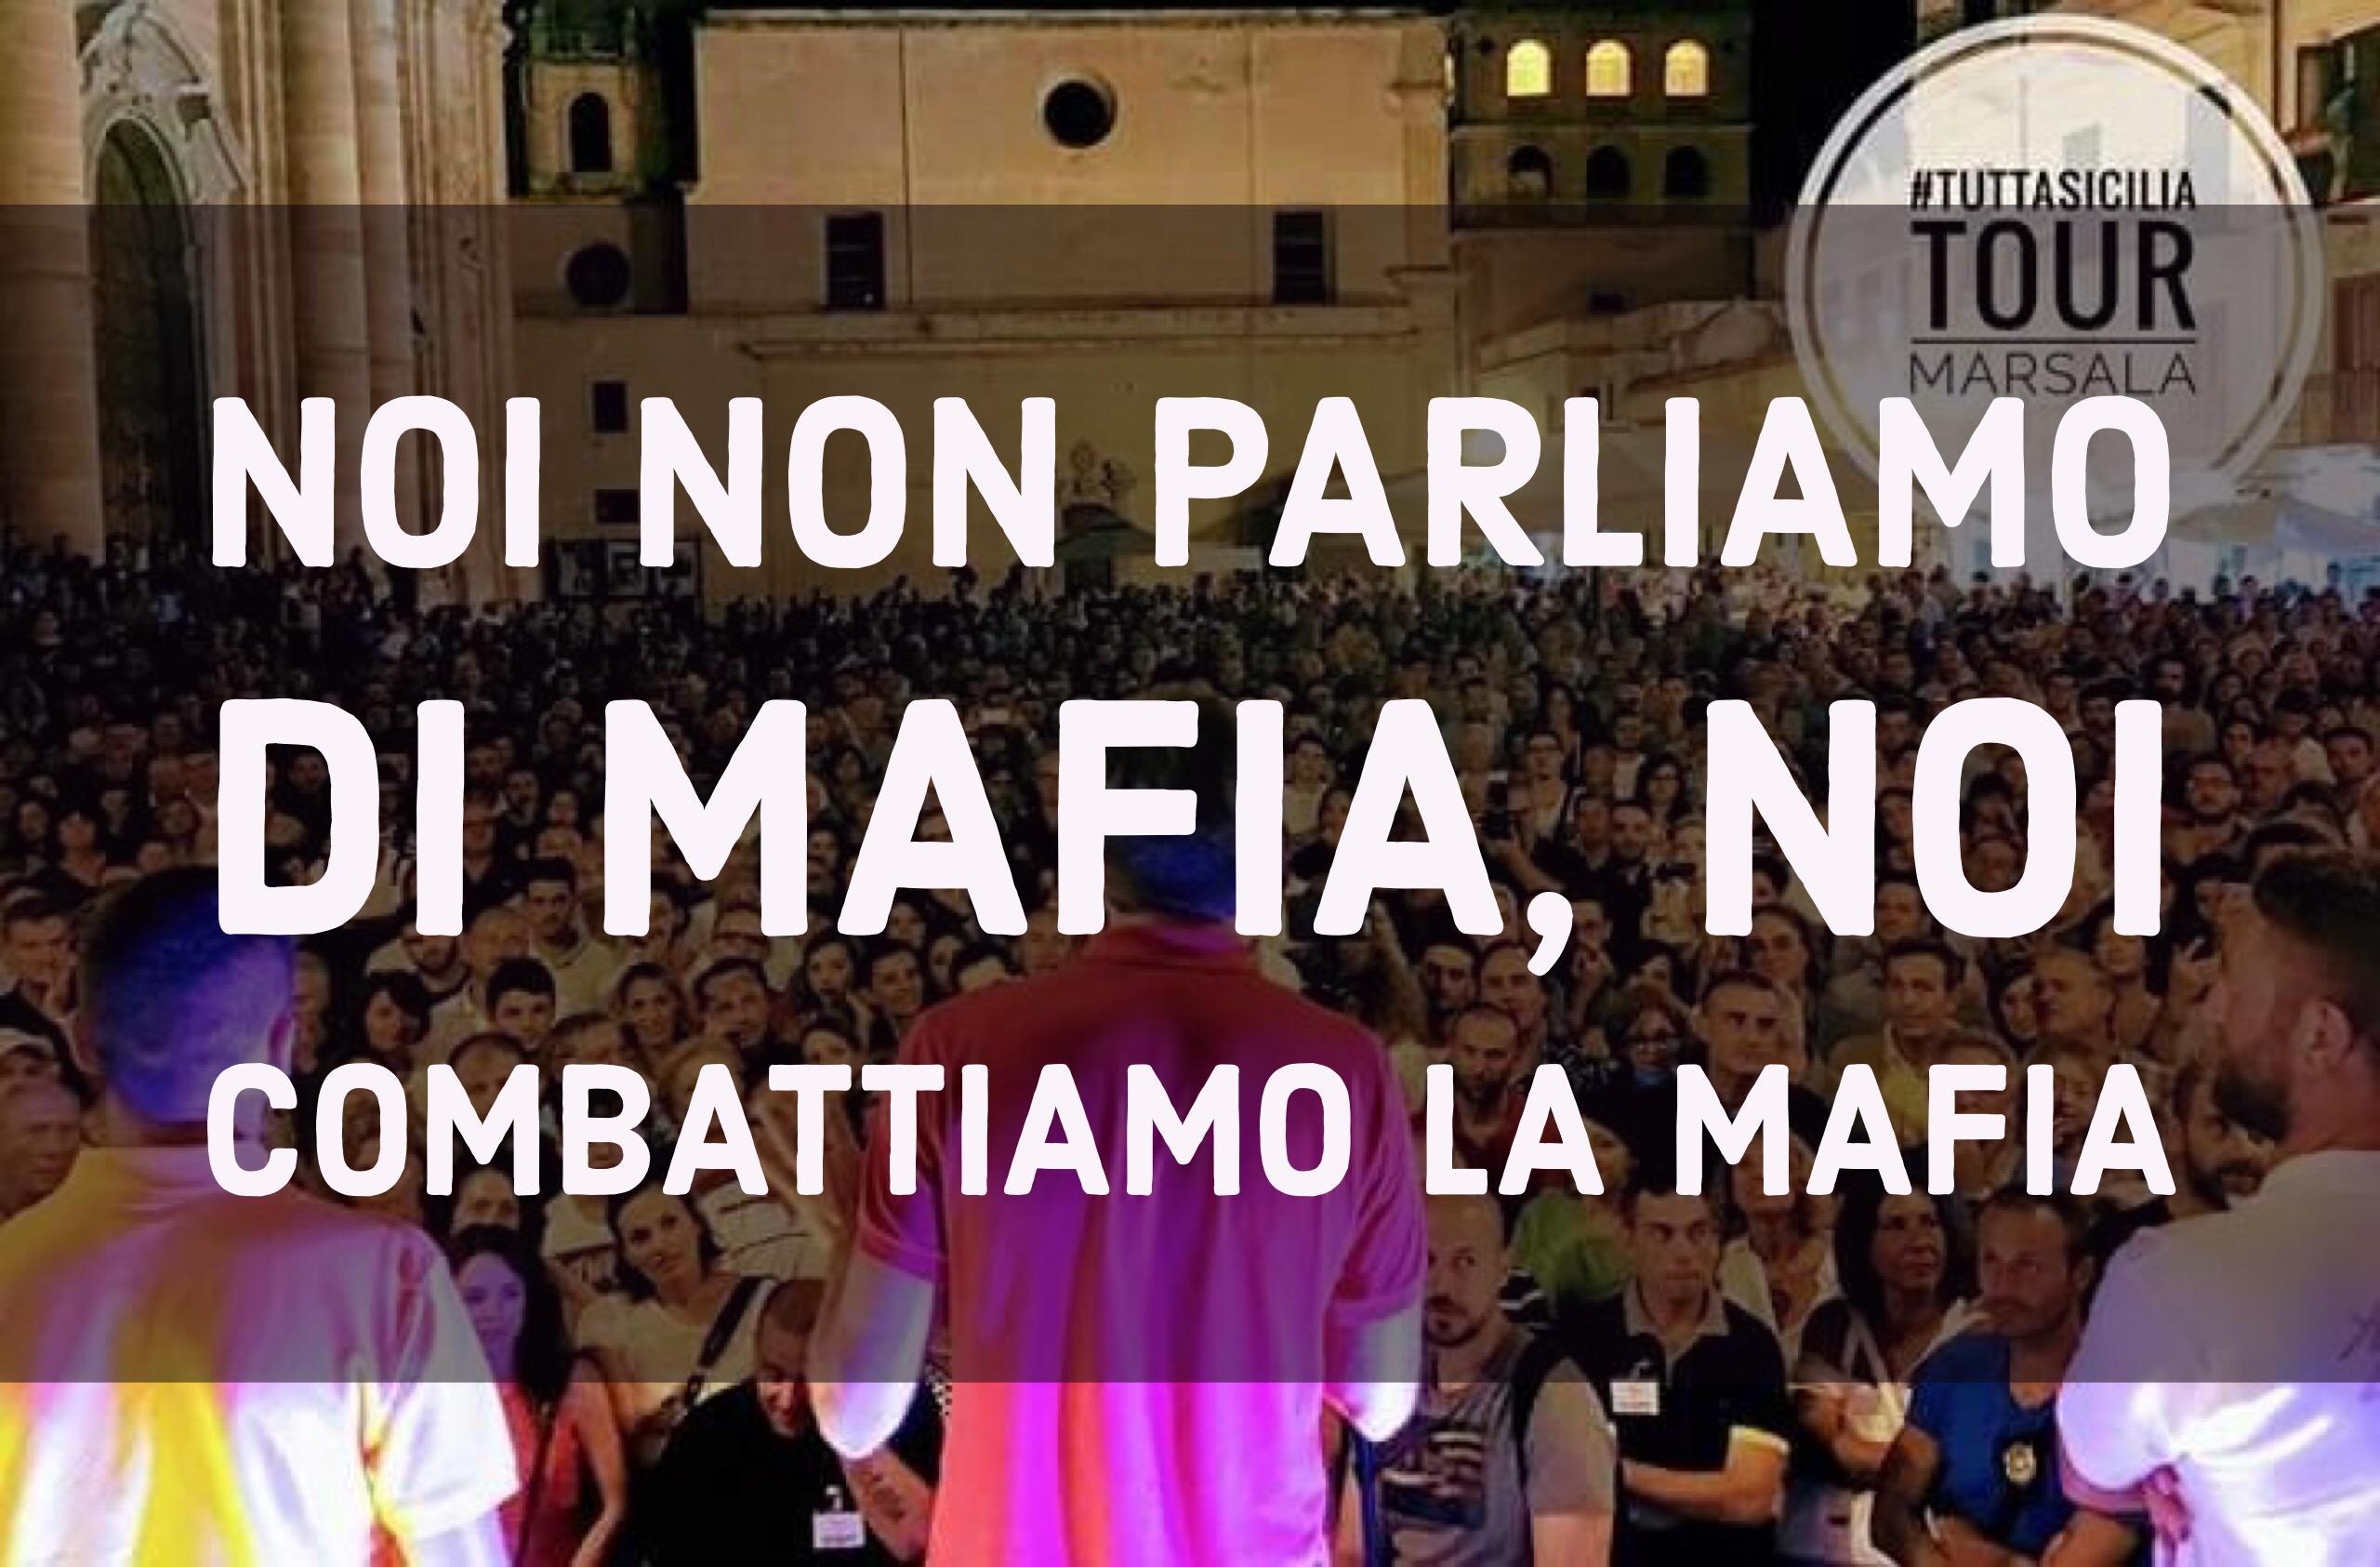 Noi Non Parliamo Di Mafia, Noi Combattiamo La Mafia